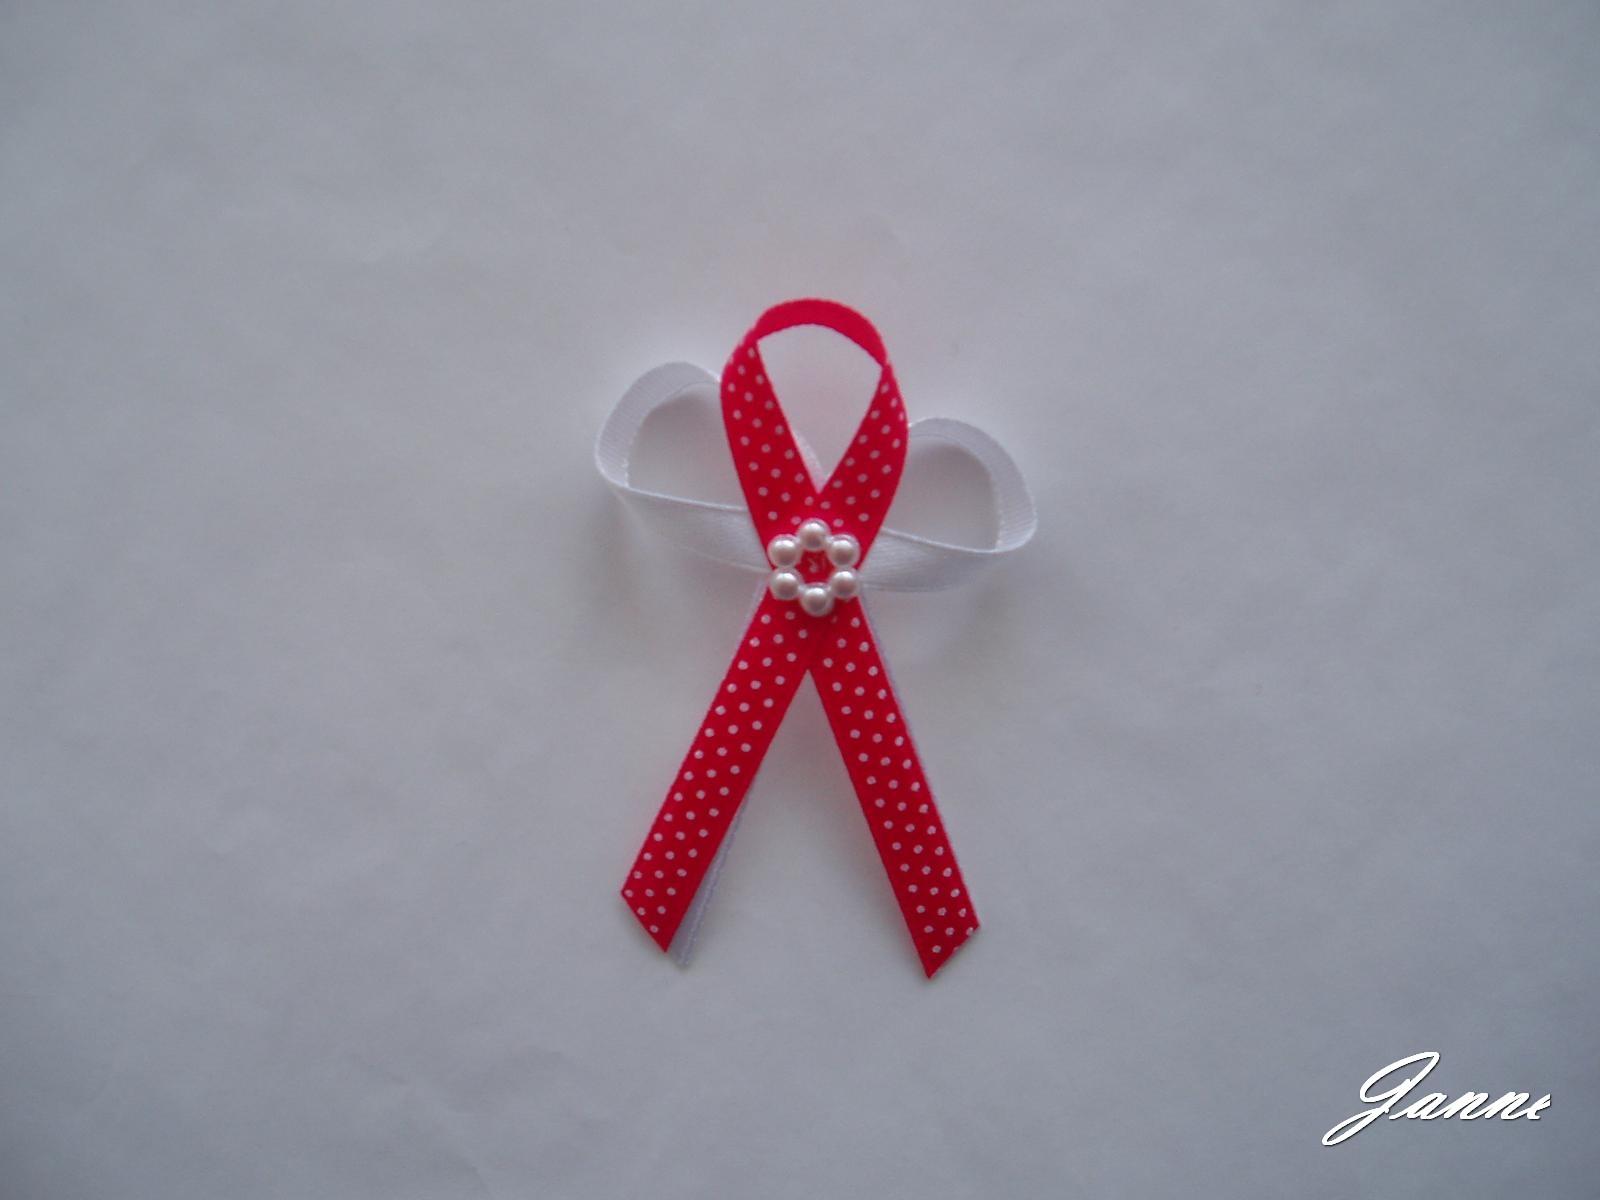 vývazek-červený puntík - Obrázek č. 1